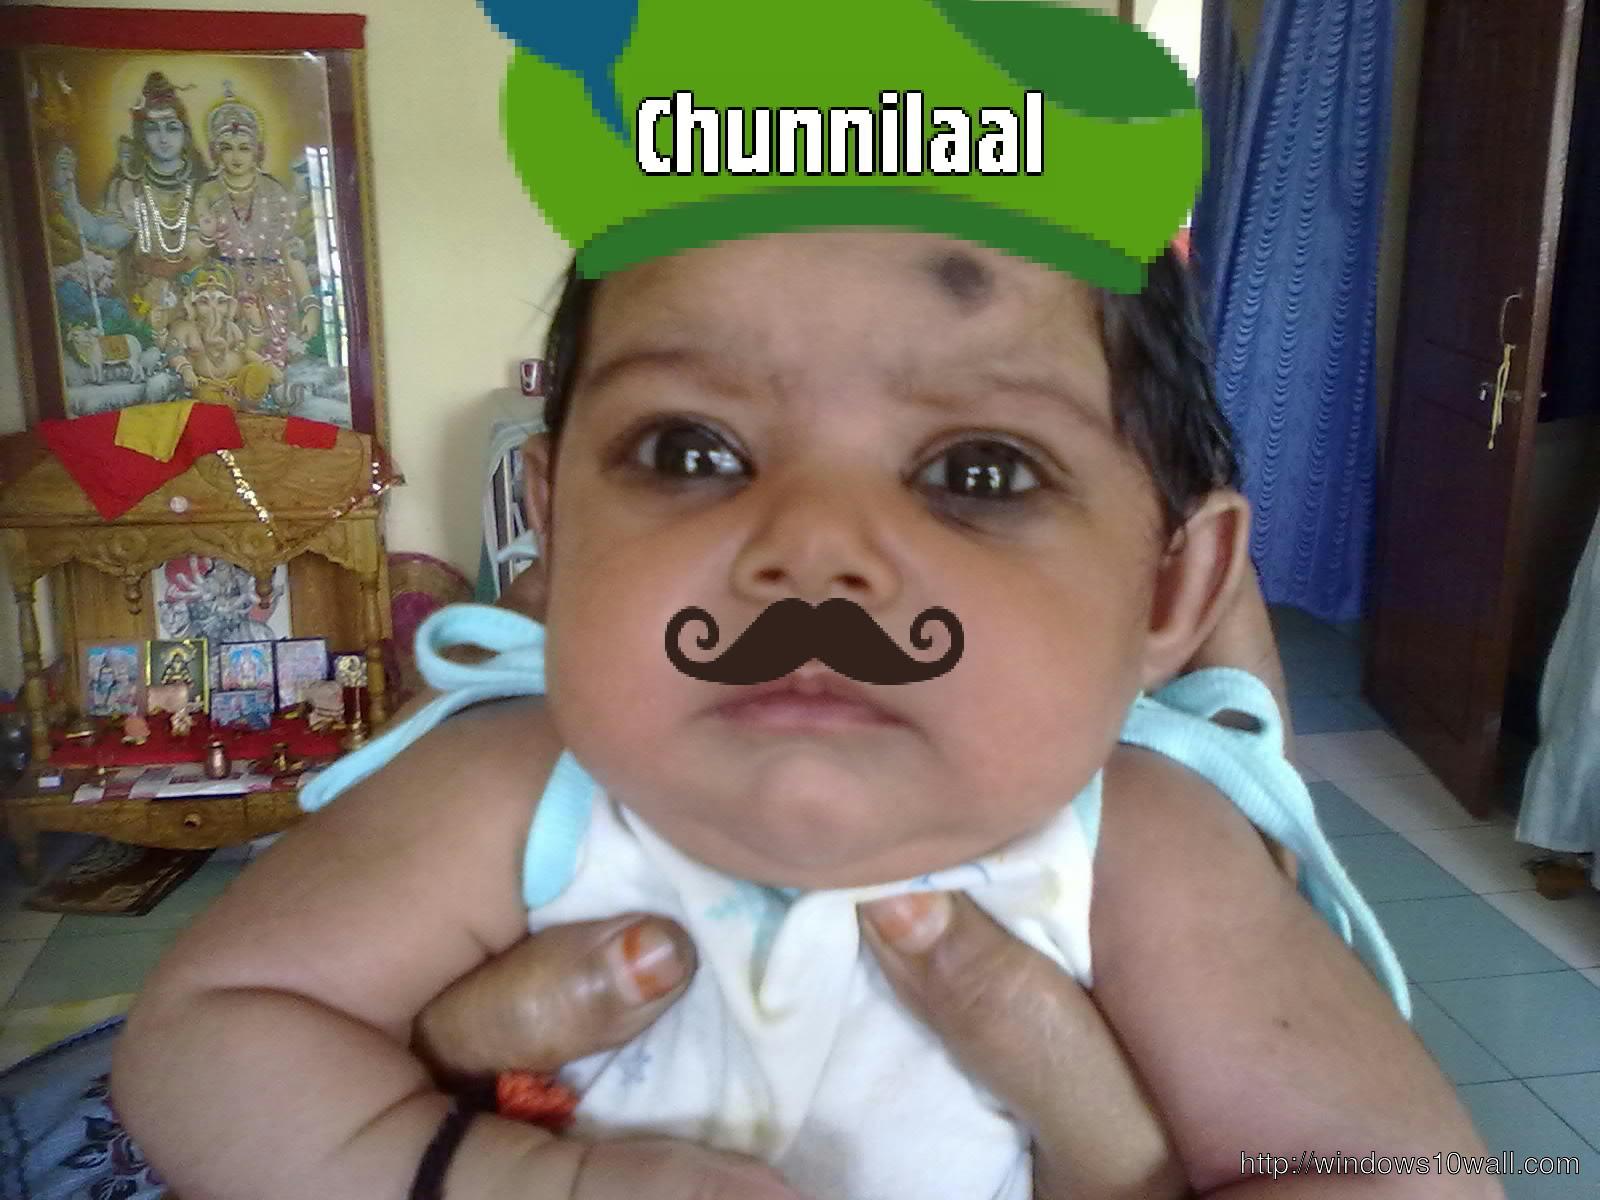 Funny Cool Kid Chunnilaal Wallpaper